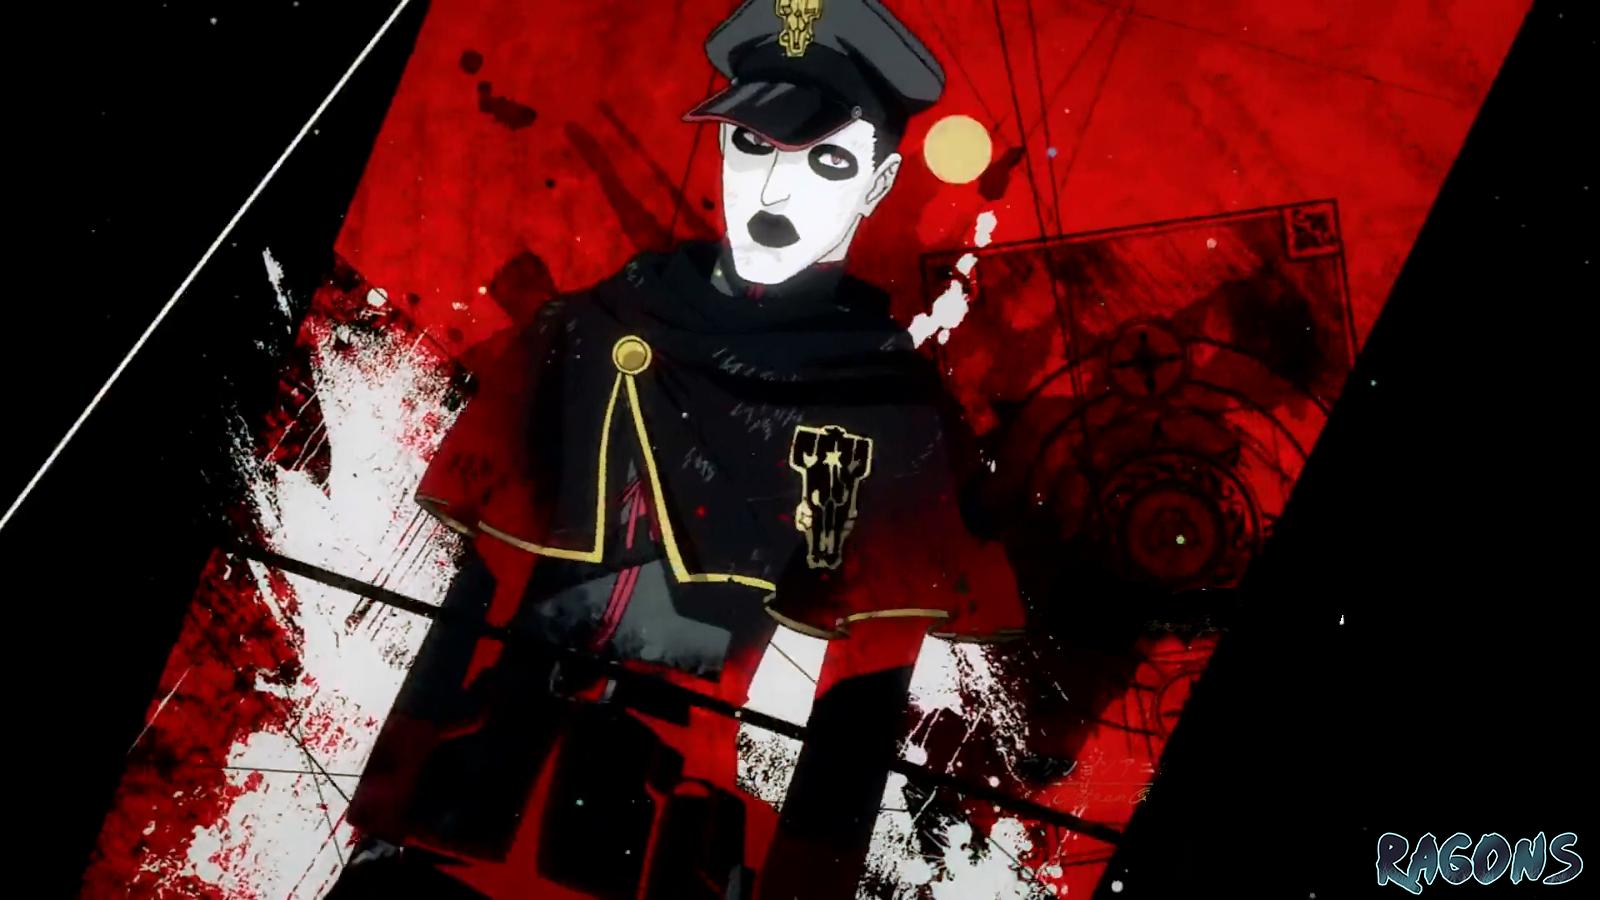 Daftar Lengkap 13 Anggota Black Bull Di Anime Black Clover Ragon S